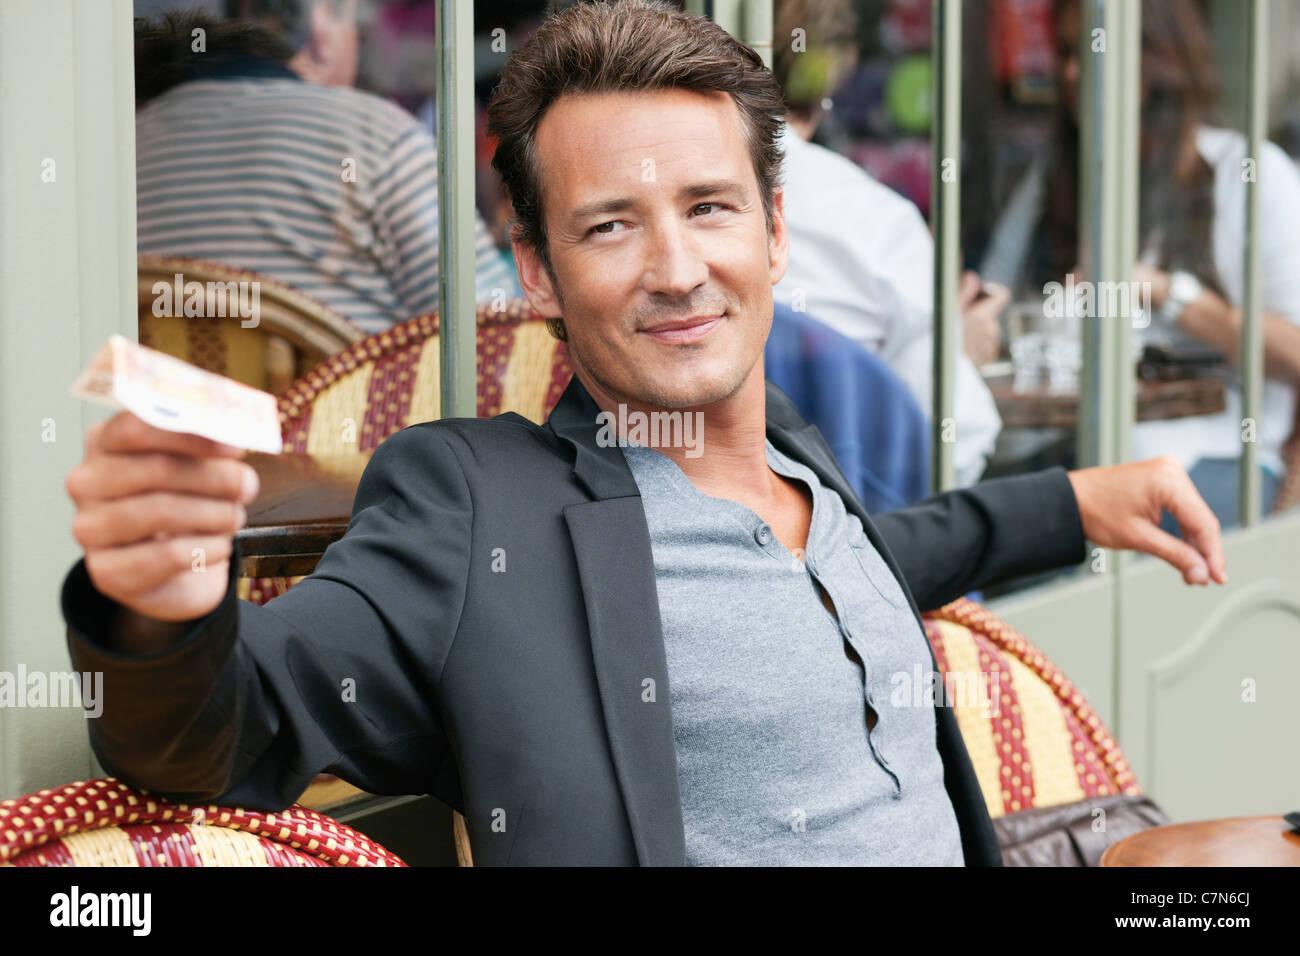 L'homme de loi de payer dans un restaurant, Paris, Ile-de-France, France Photo Stock